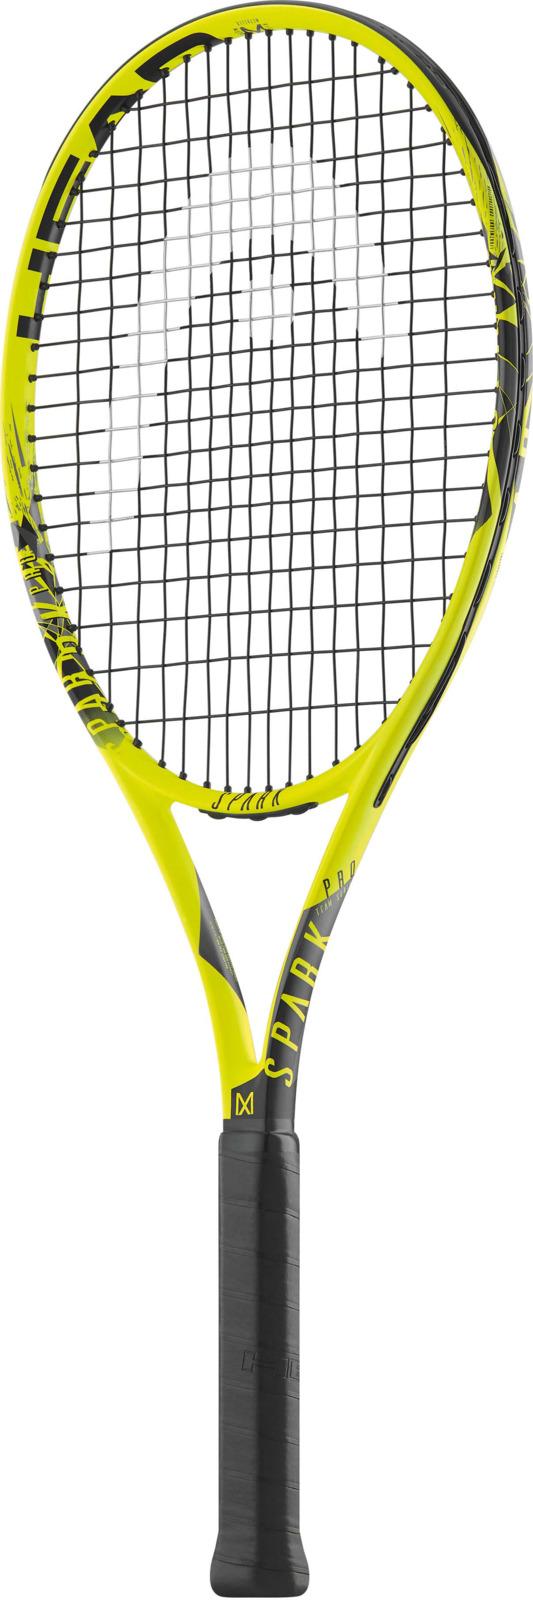 Ракетка теннисная Head MX Spark Pro, желтый, ручка 2 теннисная ракетка prince 7t35